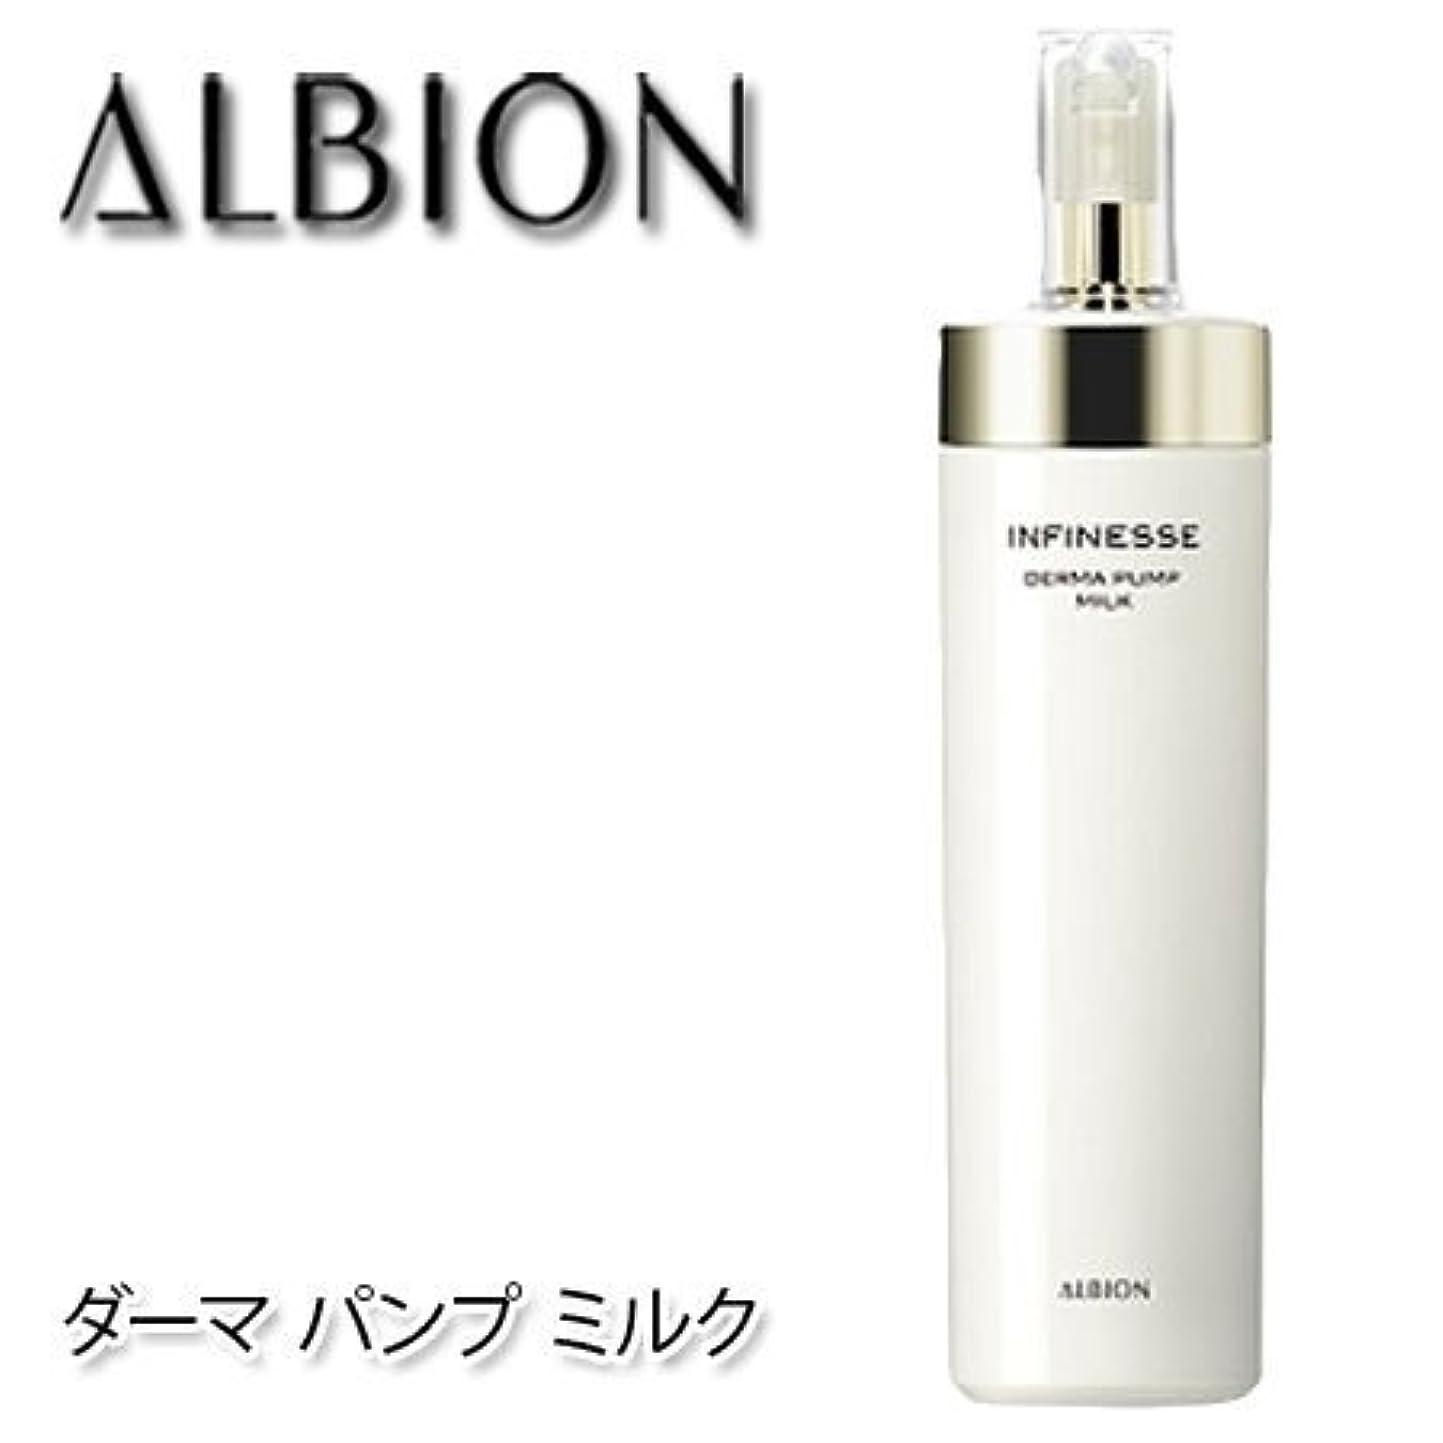 熱帯のバズランプアルビオン アンフィネス ダーマ パンプ ミルク 200g-ALBION-